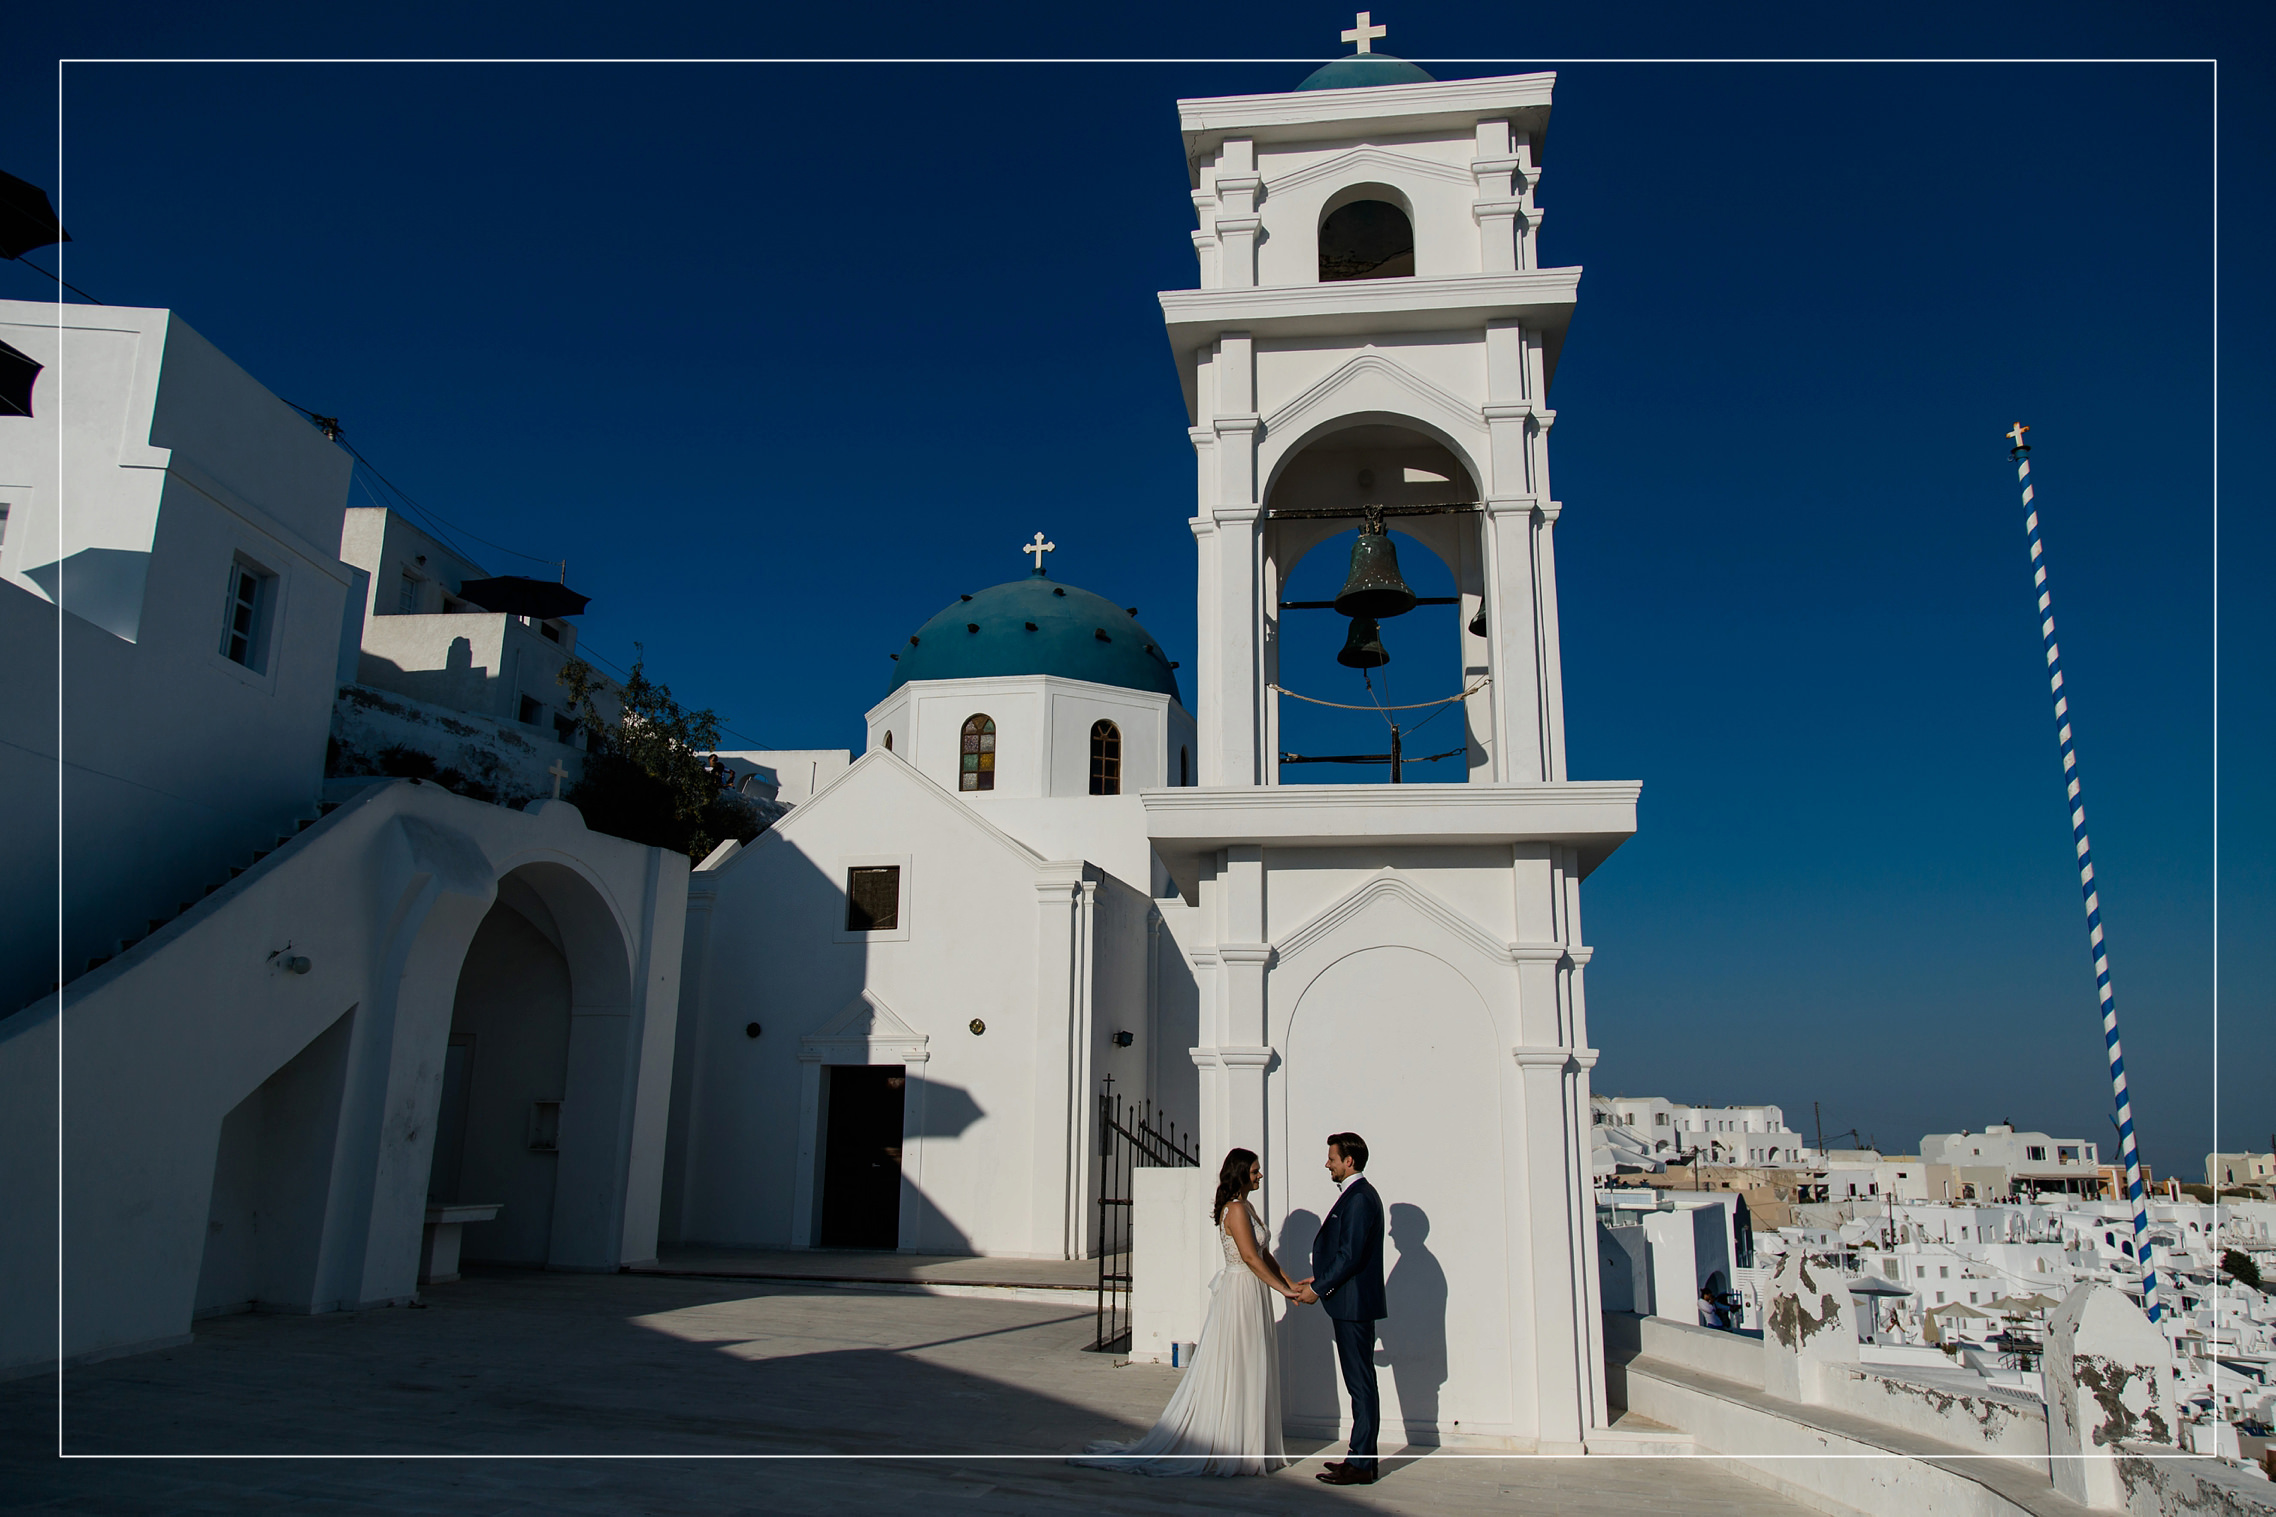 Blogbeitrag zu einem After-Wedding-Shooting Santorini auf der griechischen Insel - ein Traum in blauen und weißen Farben.